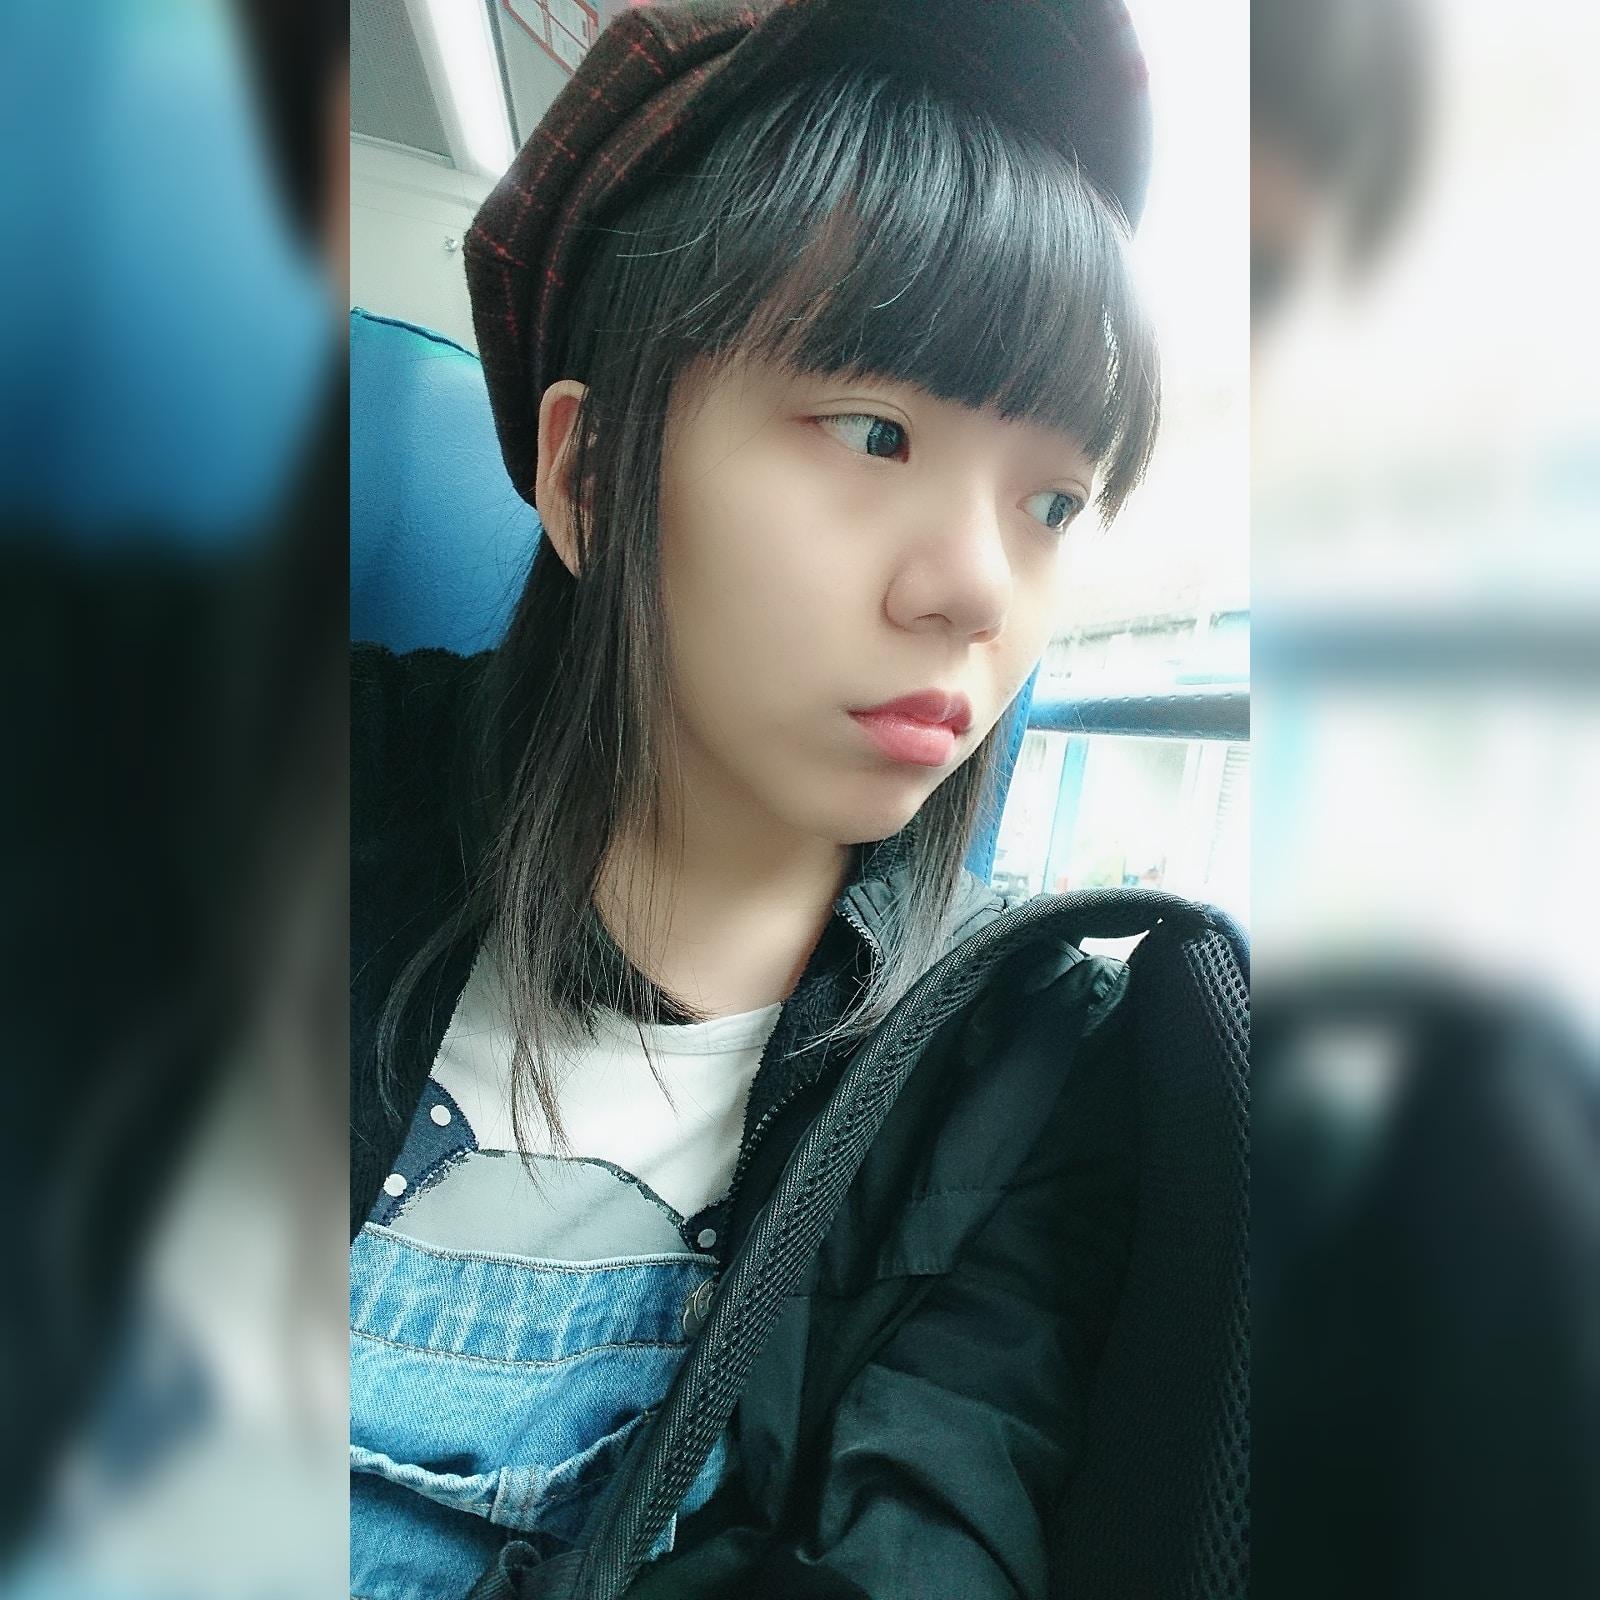 Go to Chen yunnie's profile